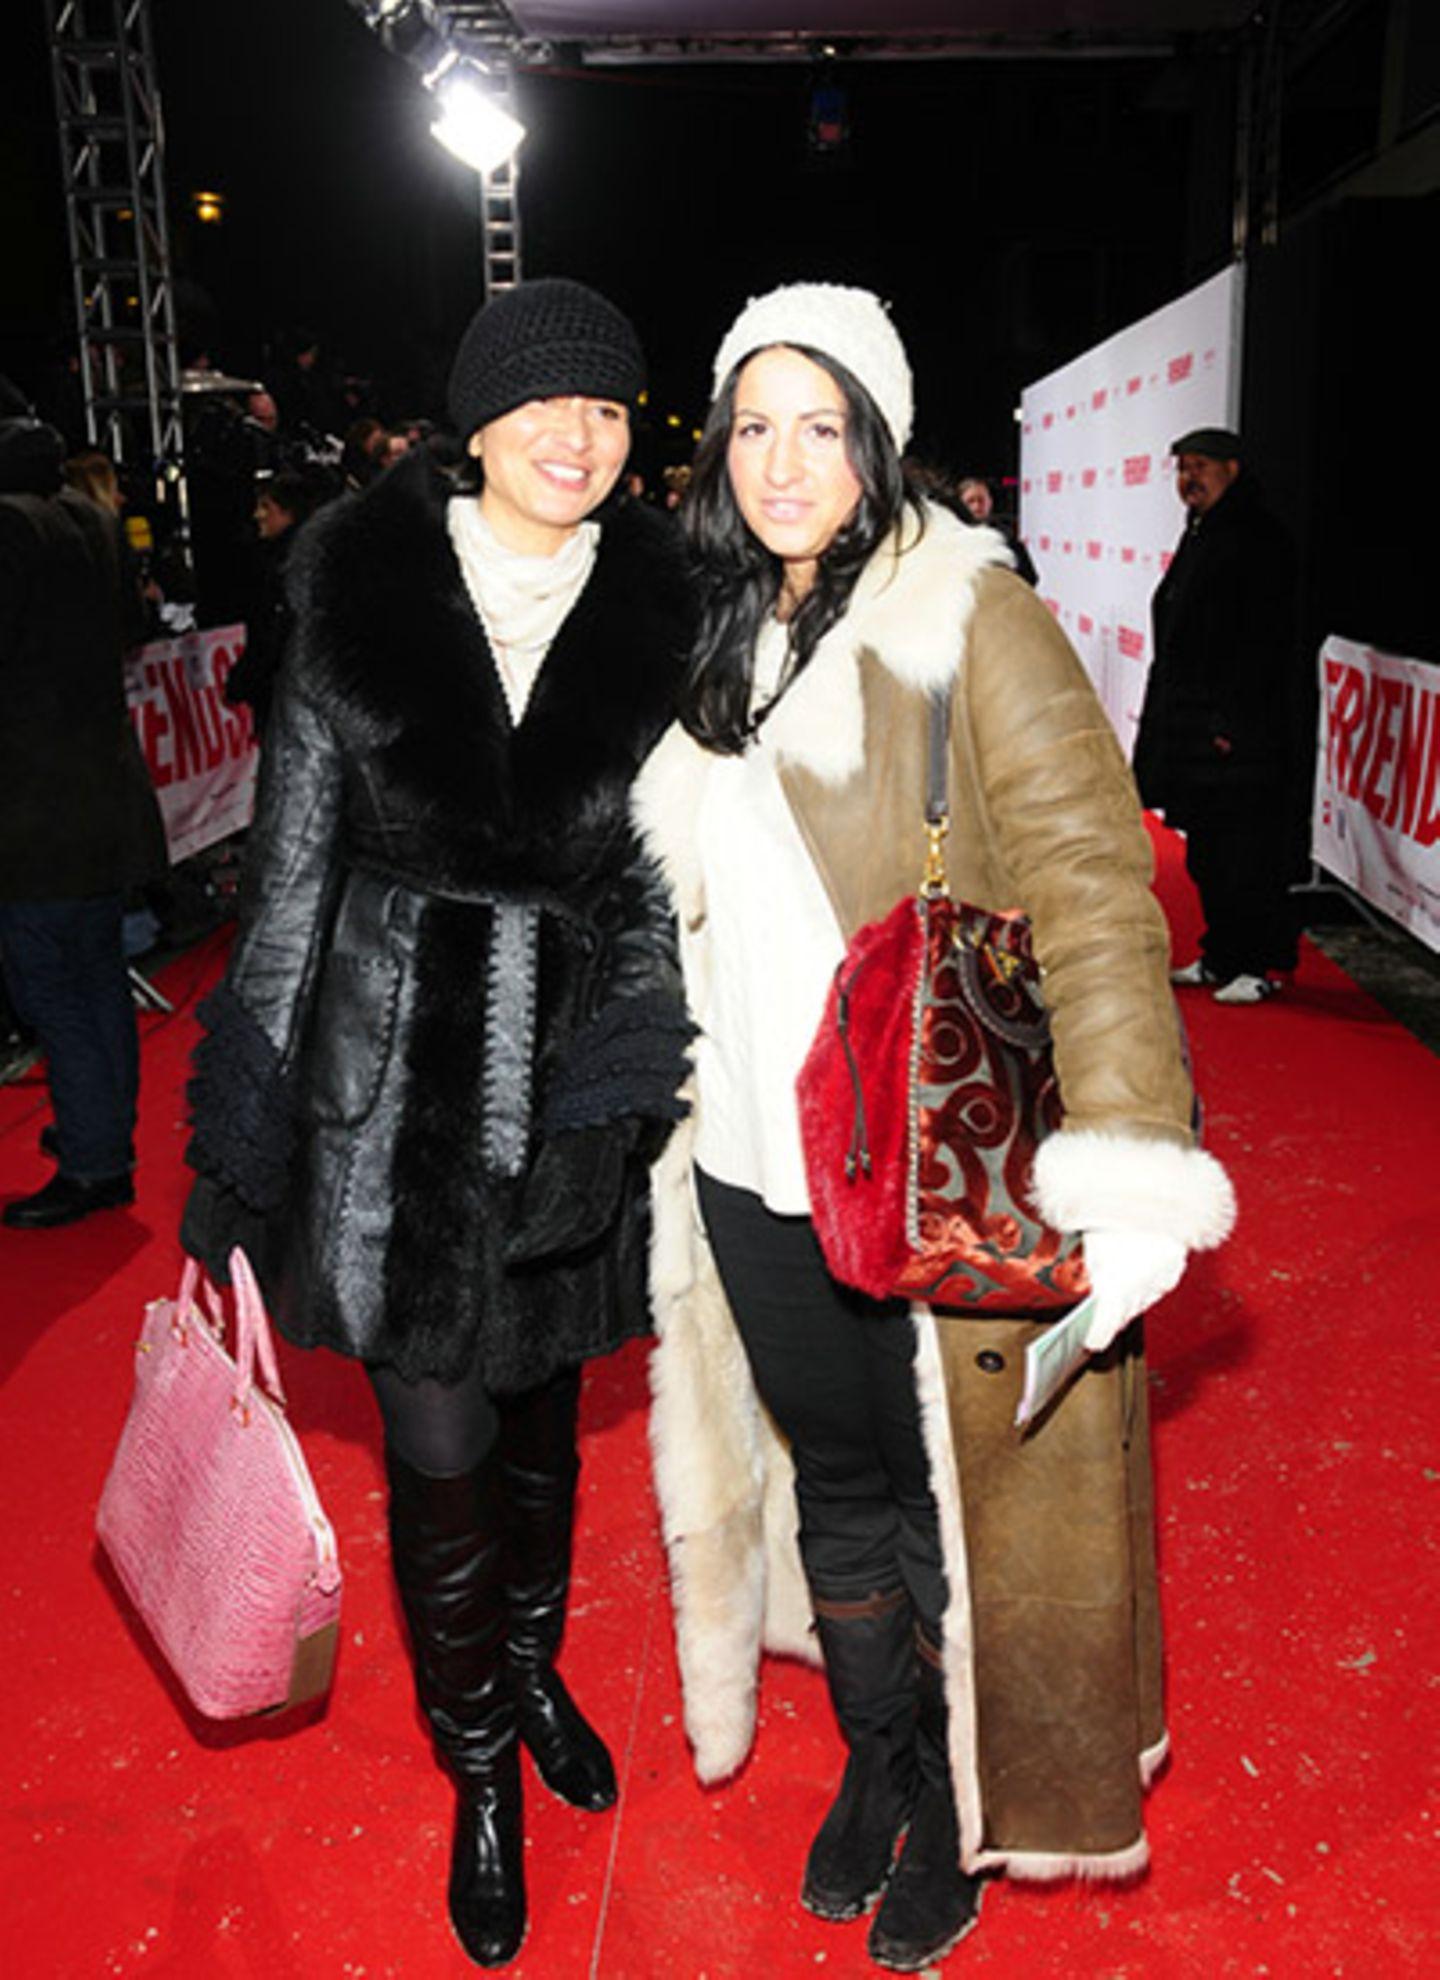 Regisseurin Mira Thiel und Minu Barati-Fischer sind gut gewappnet gegen den Berliner Winter.